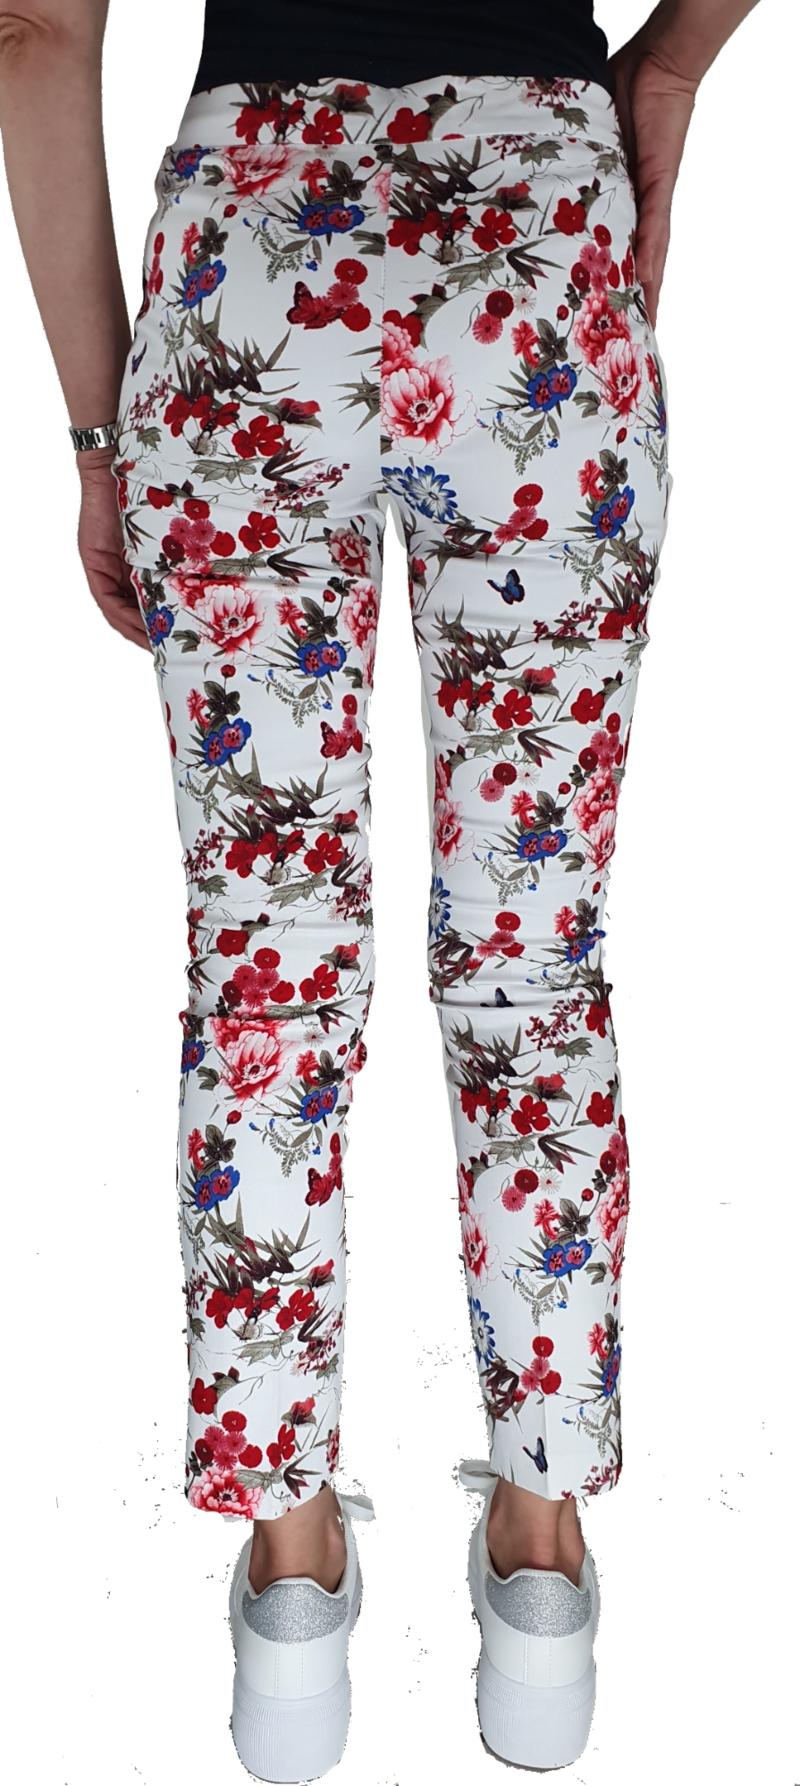 pantalone-art-216